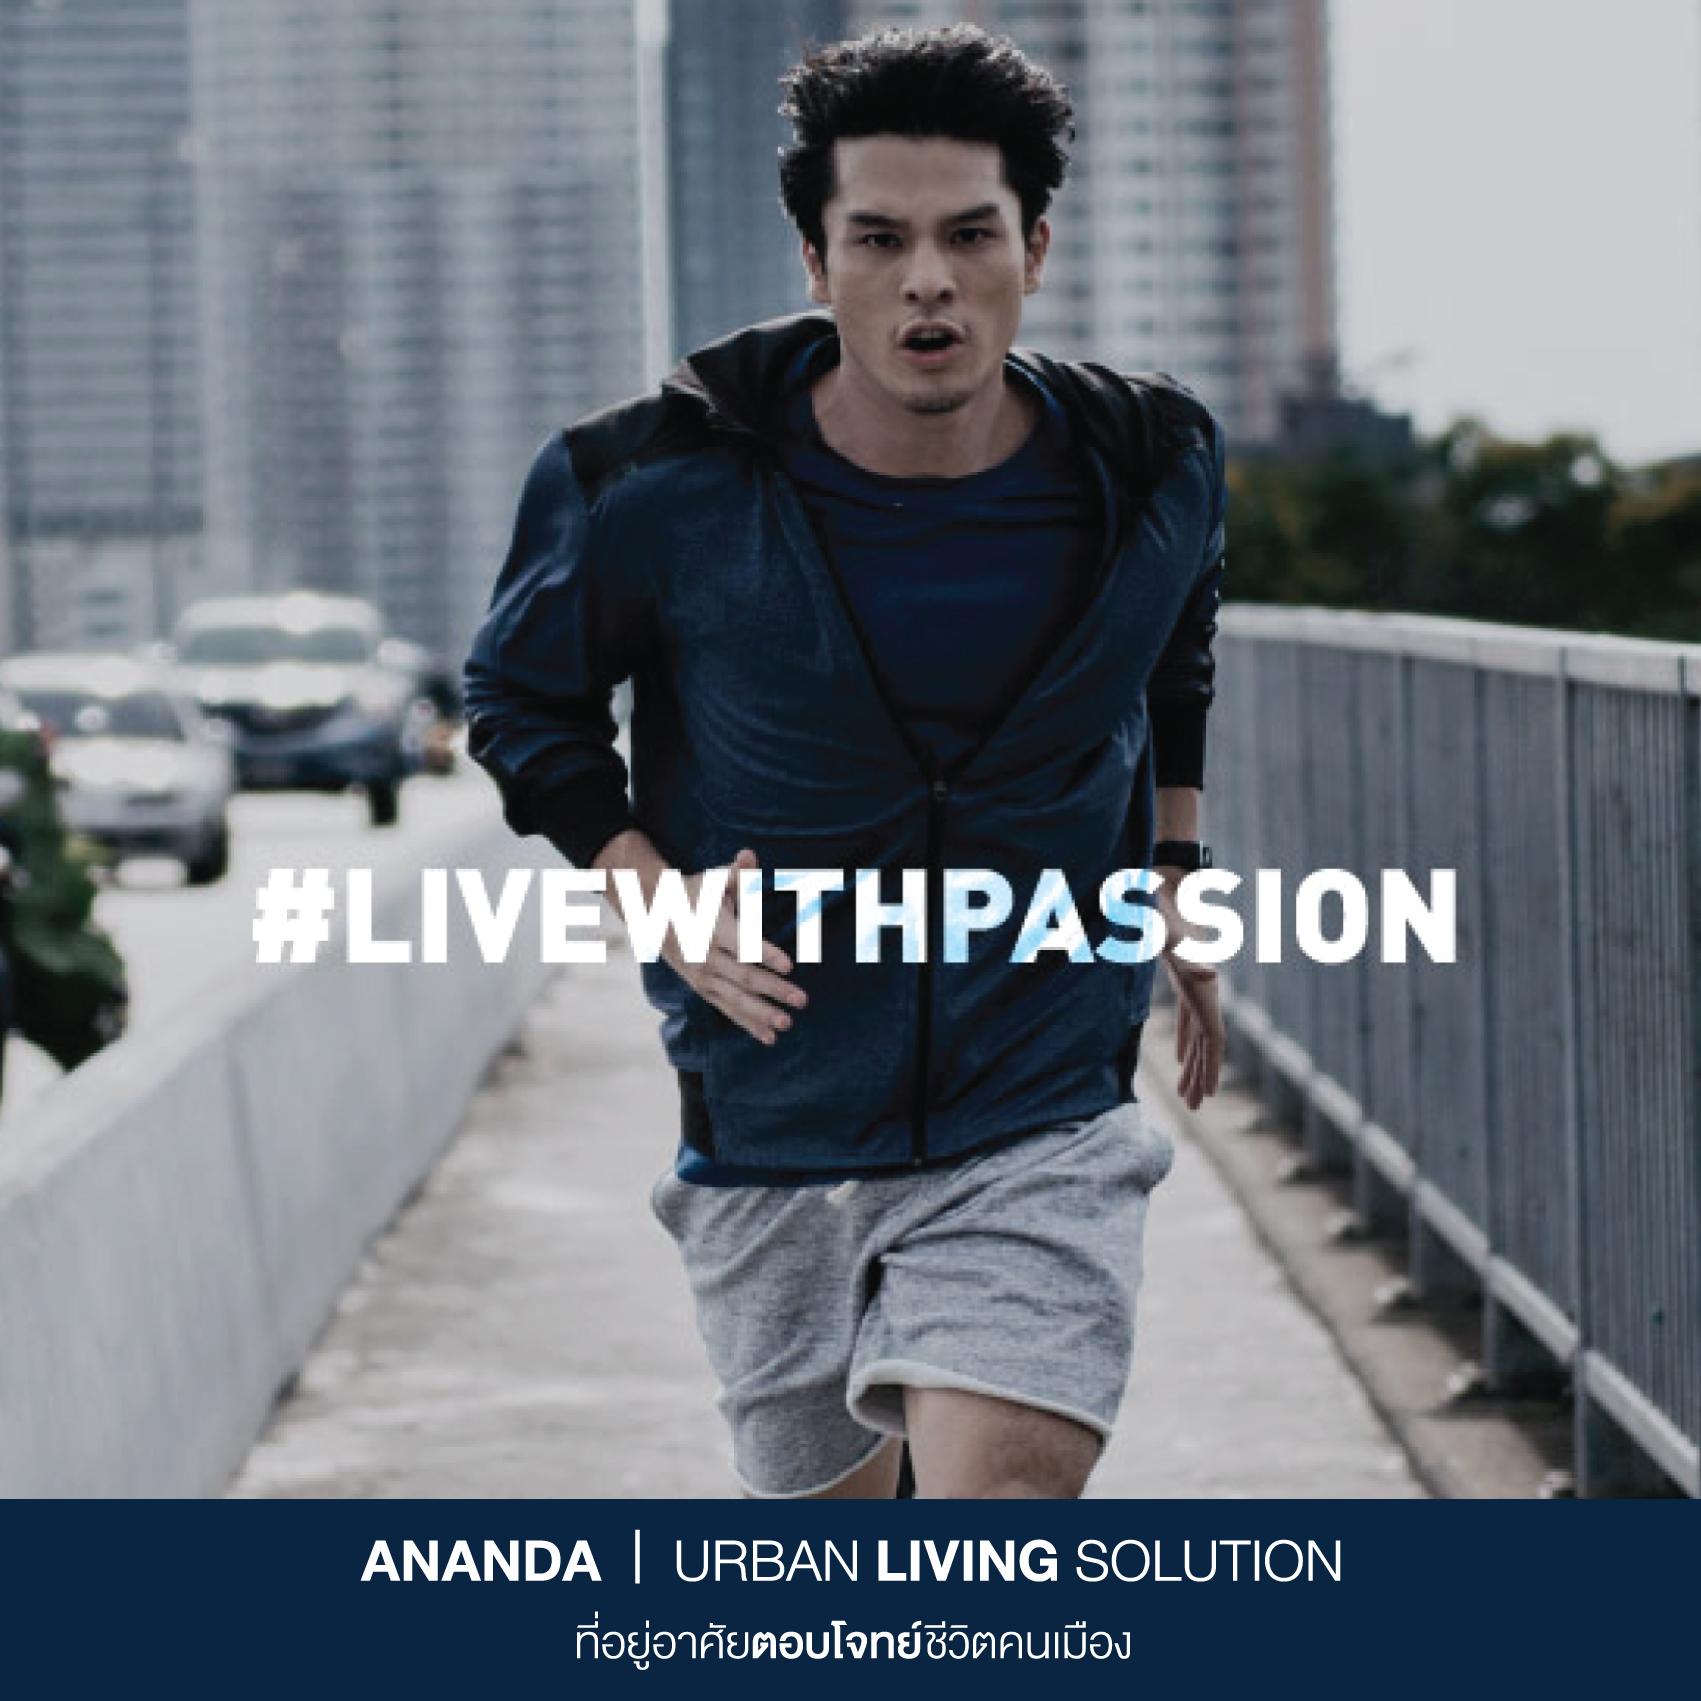 """""""อนันดาฯ ปลุก Passion คนเมือง ผ่าน Corporate Branding Campaign ครั้งแรก"""" 13 -"""